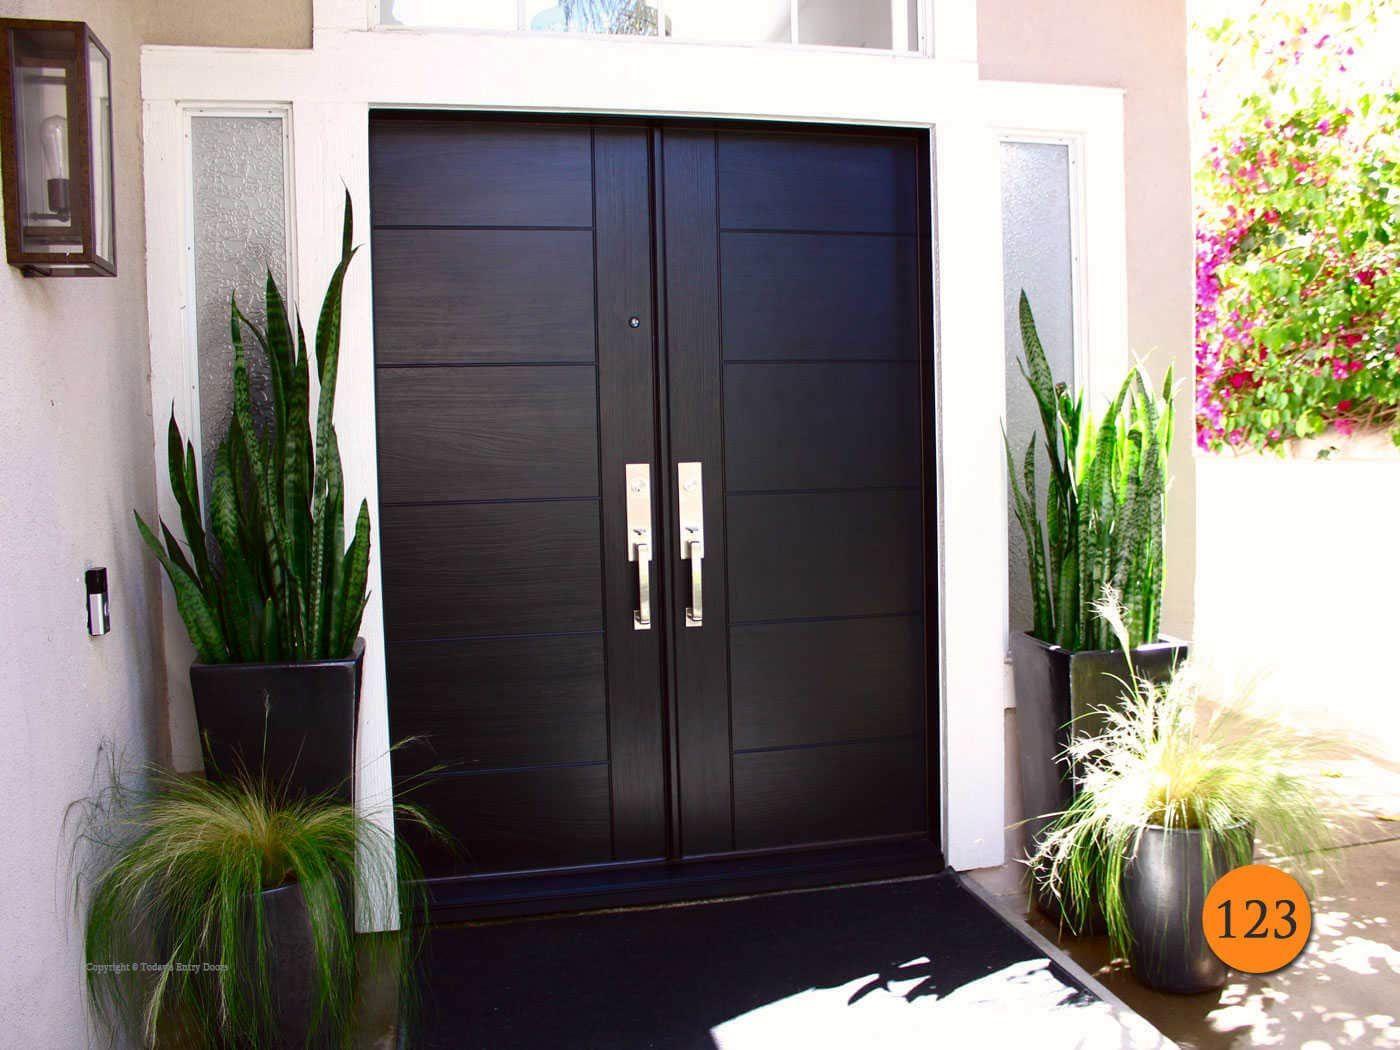 Modern 60 X80 Plastpro Dmt51 Fiberglass Double Entry Door Installed In Laguna Nigue Contemporary Entry Doors Fiberglass Double Entry Doors Double Entry Doors